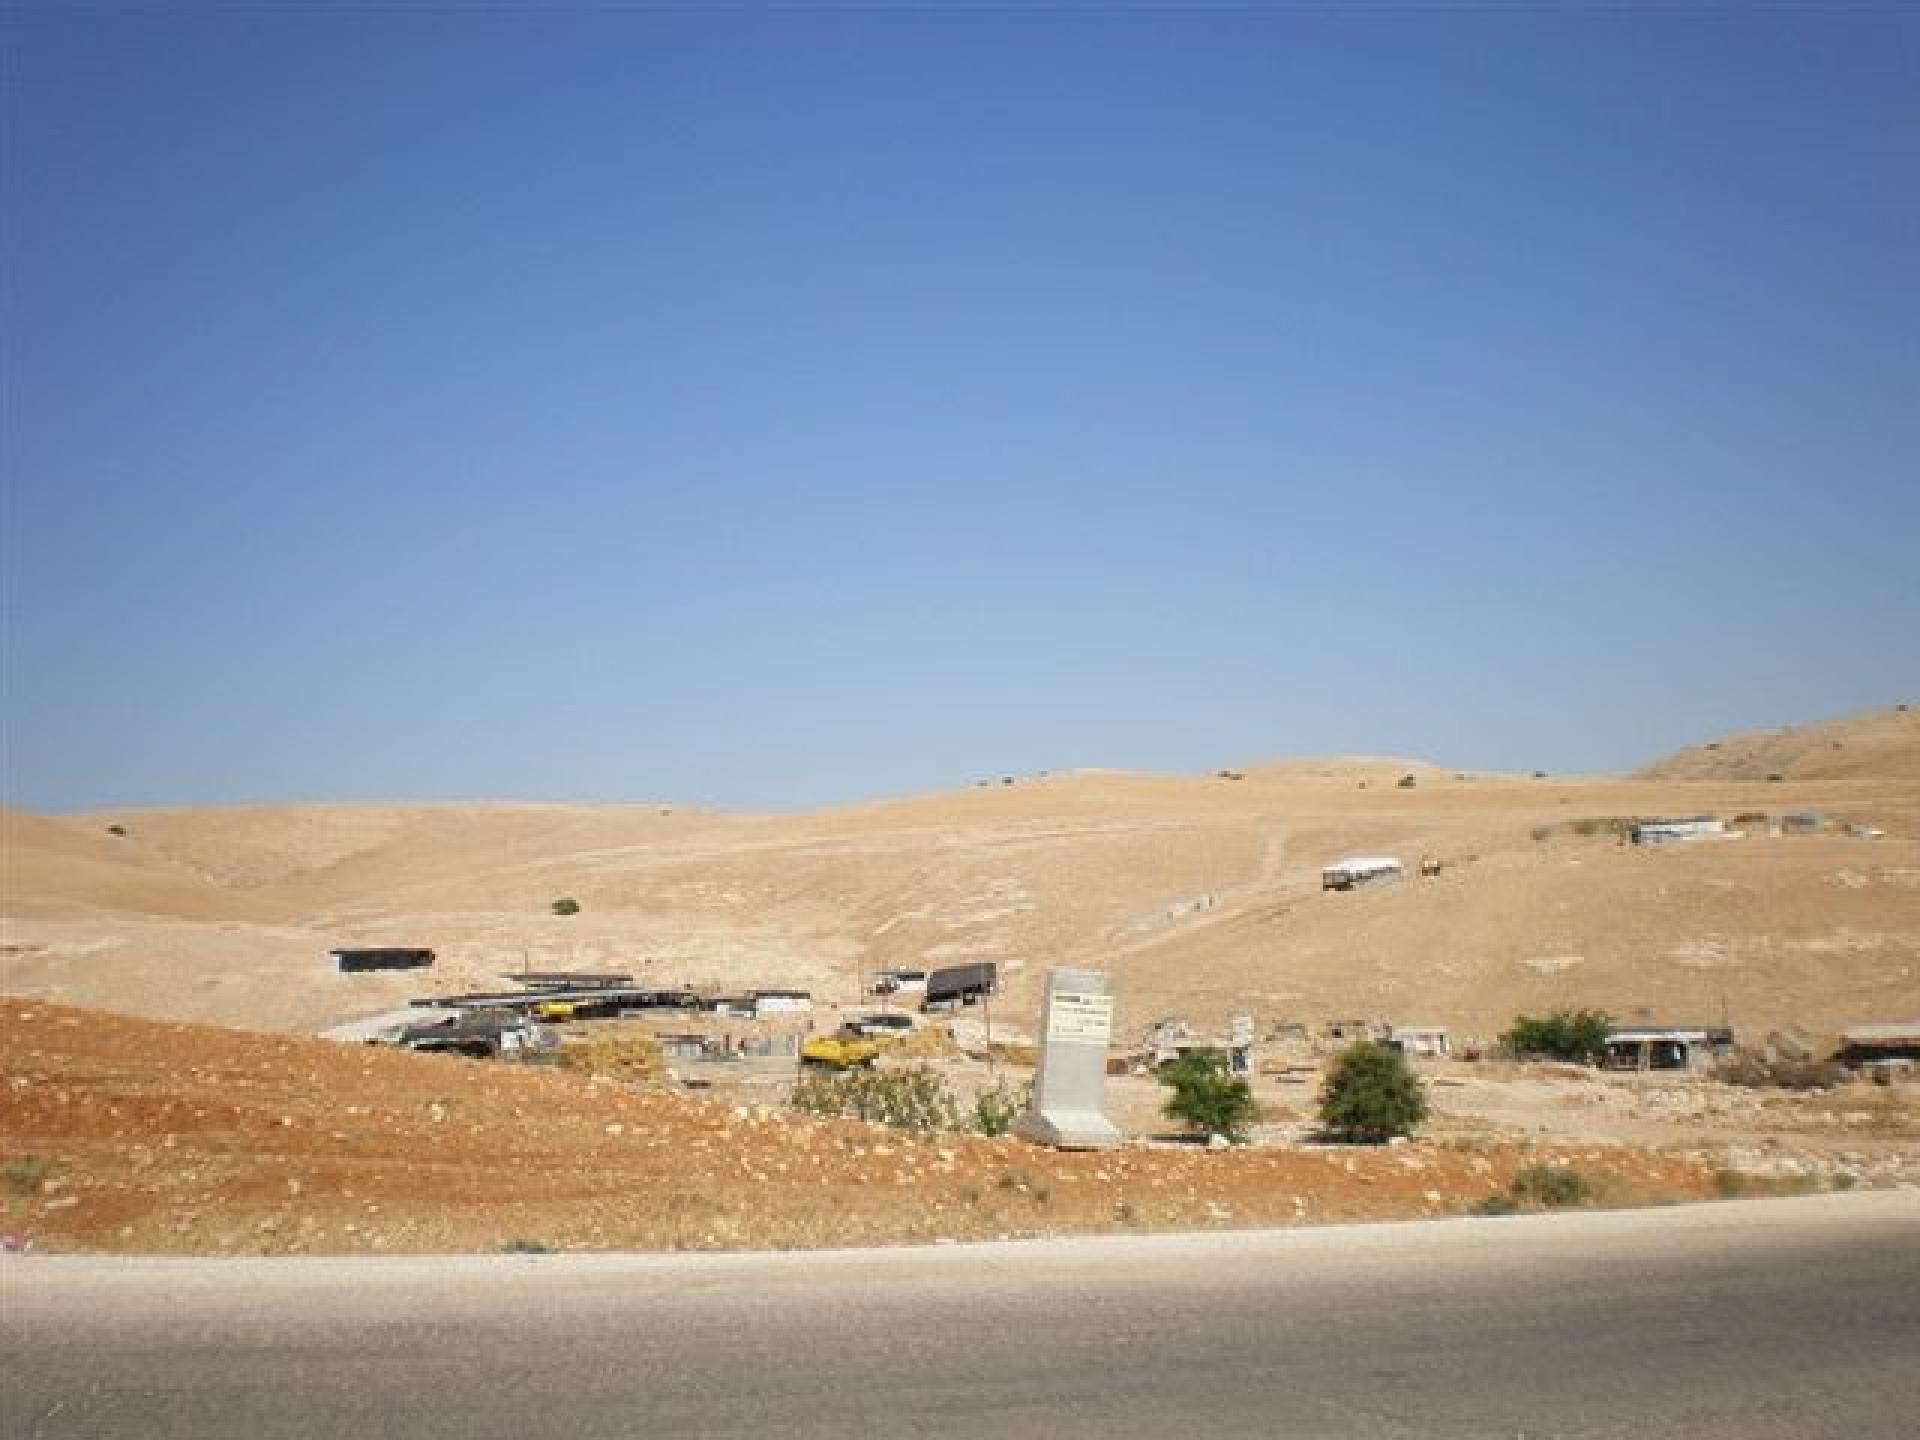 Jordan valley 30.03.10